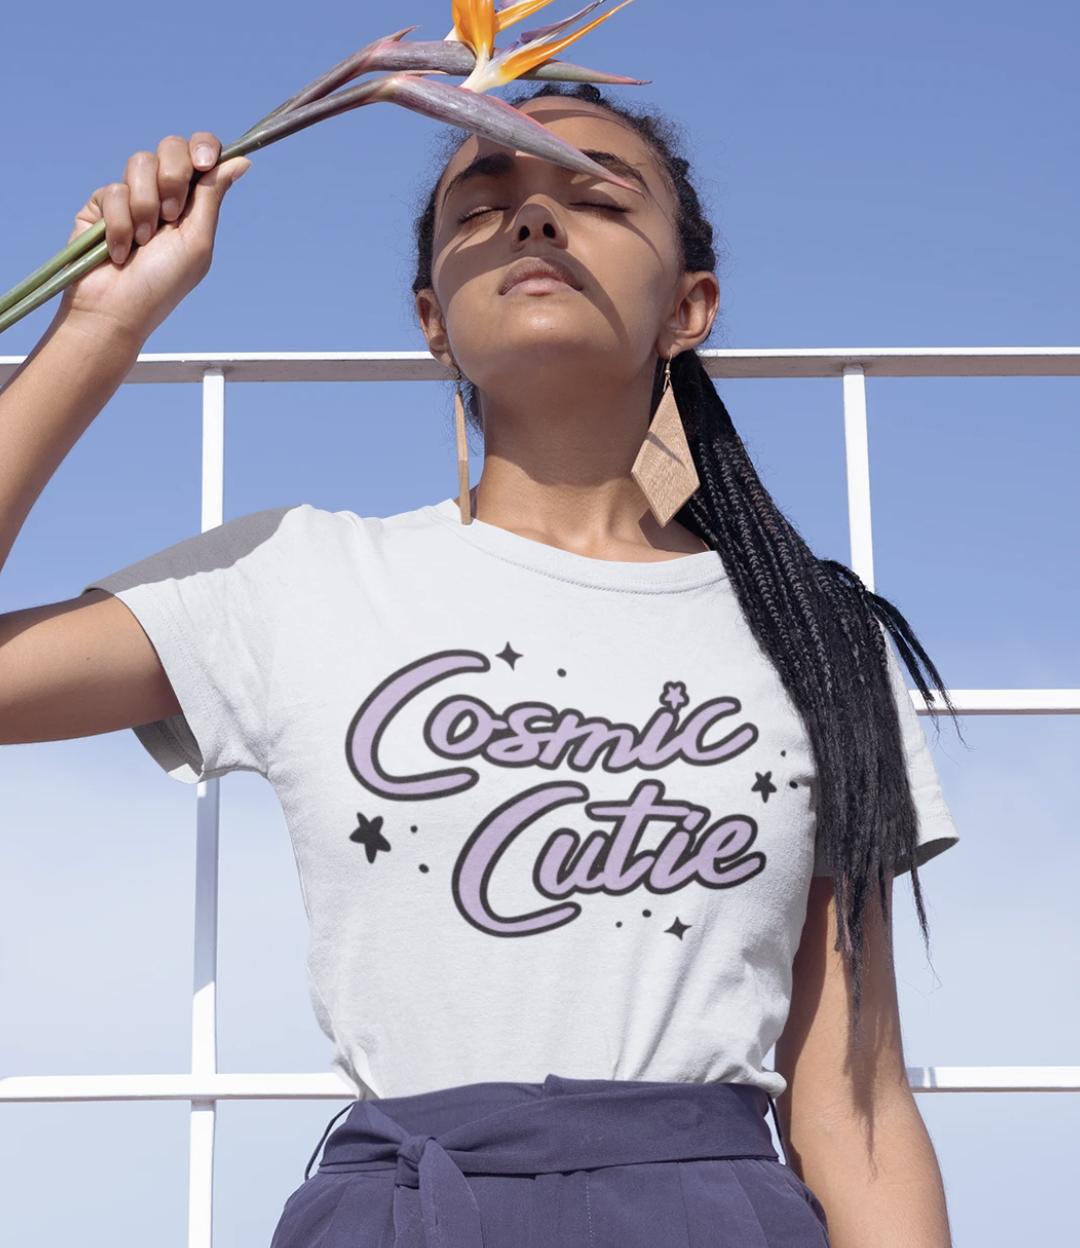 """Model wears white tee that says """"Cosmic Cutie"""" in purple lettering"""